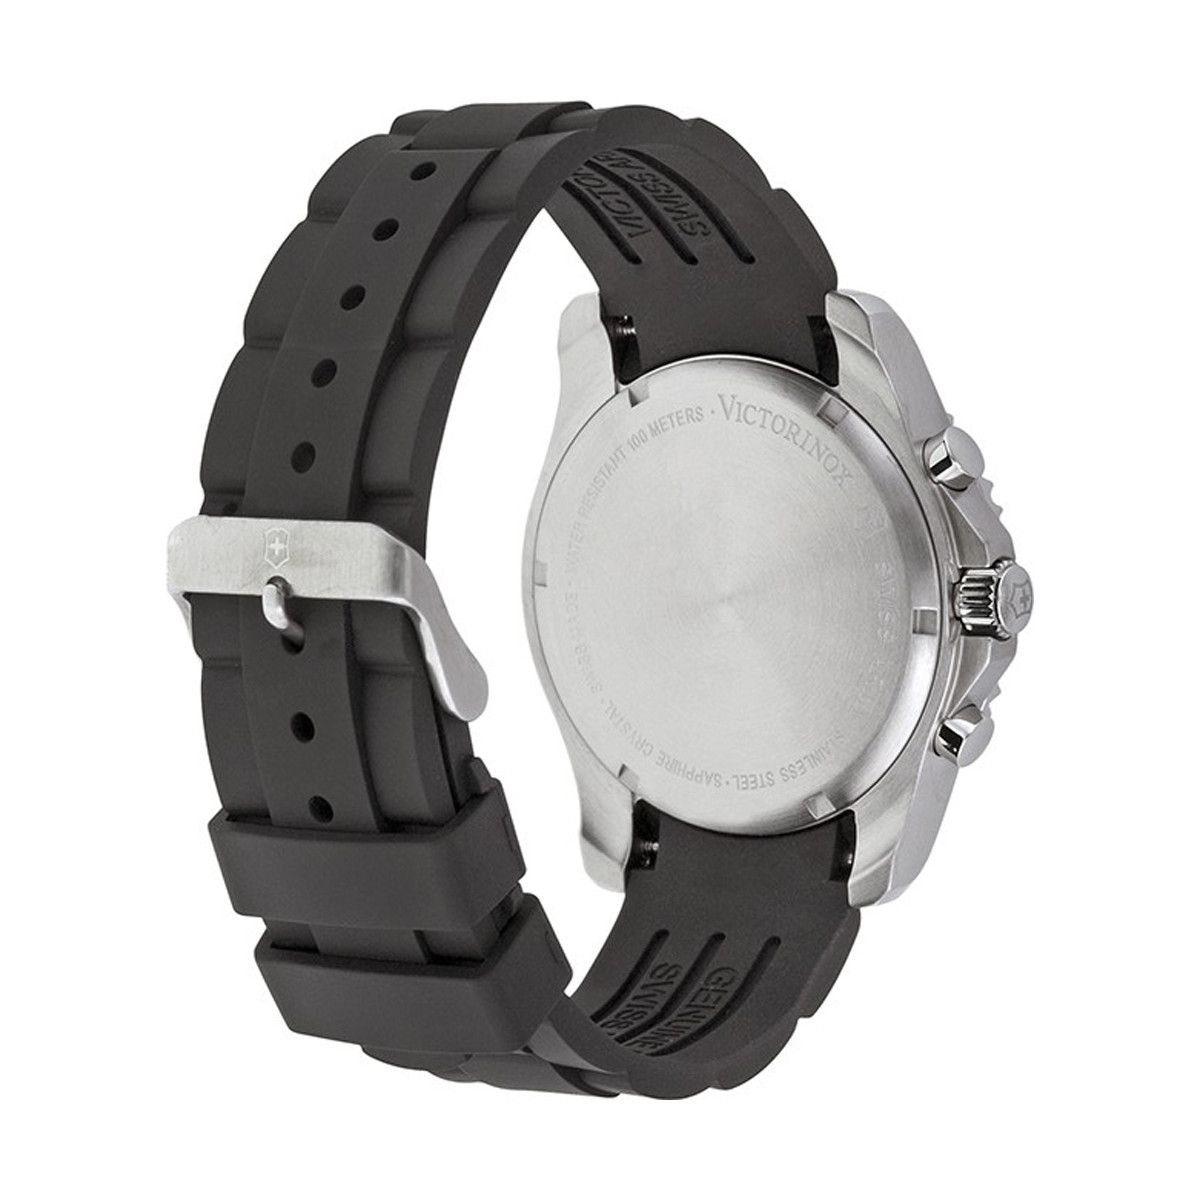 Montre Homme Victorinox MAVERICK Chronograph, lunette noire, cadran noir, bracelet caoutchouc noir - 43 mm